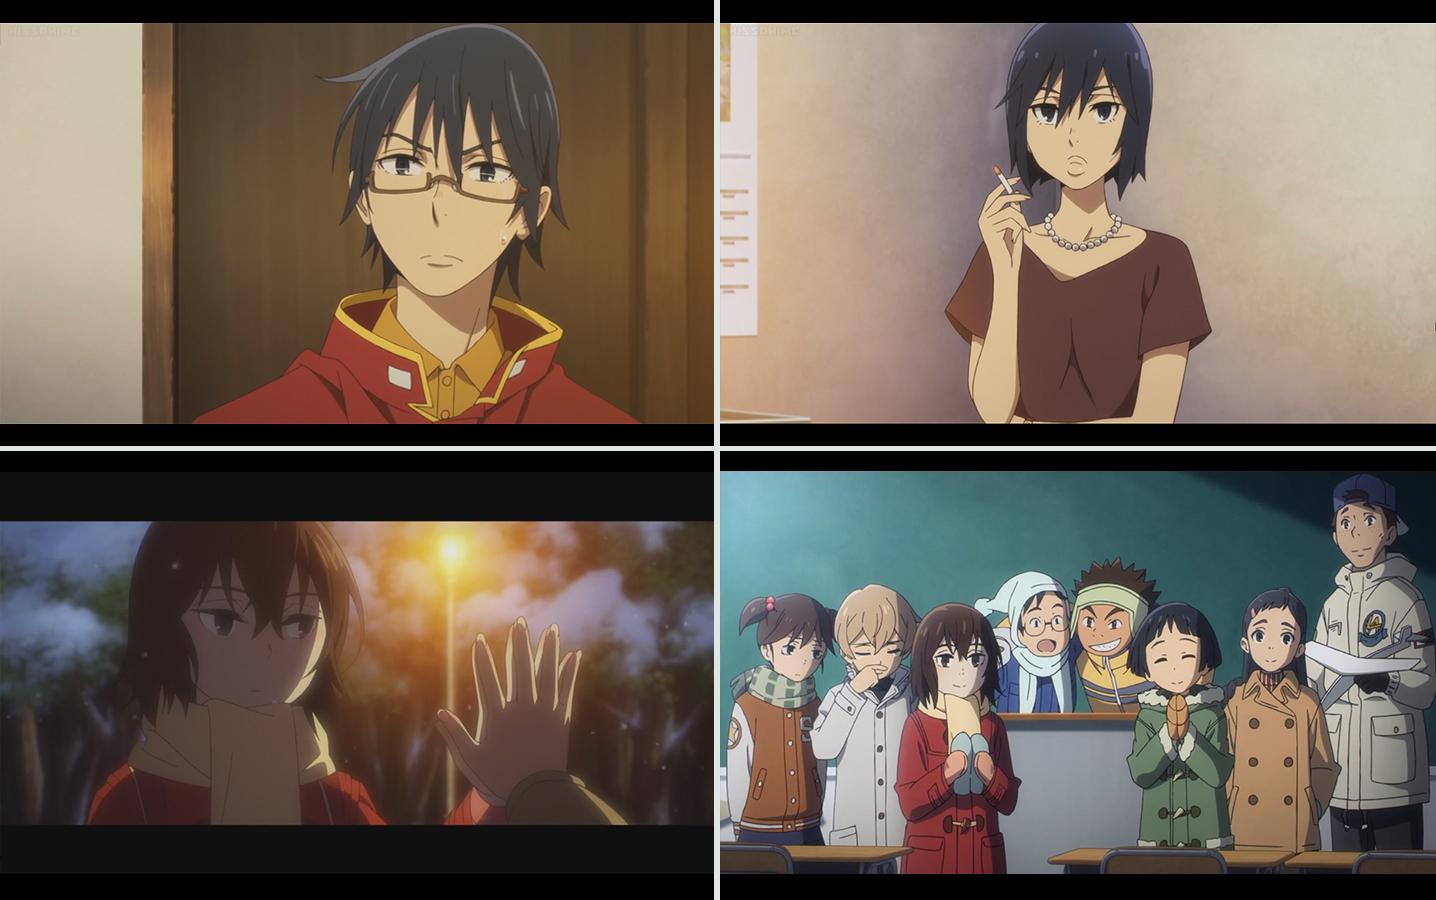 erased_screenshots Review: Boku Dake ga Inai Machi (ERASED)